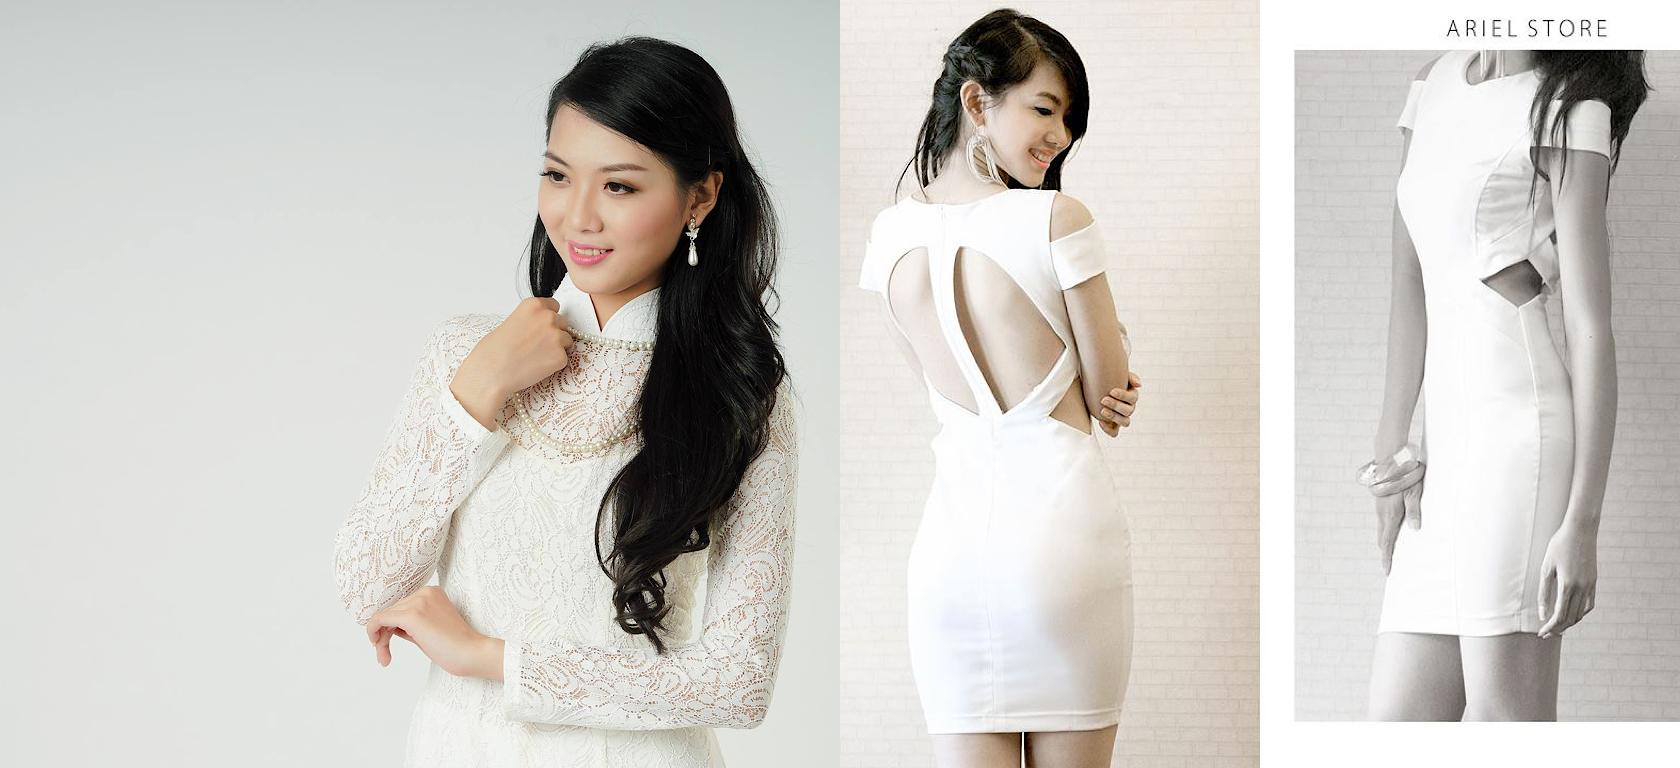 pg-nguoi-mau-model-xuyen-nguyen